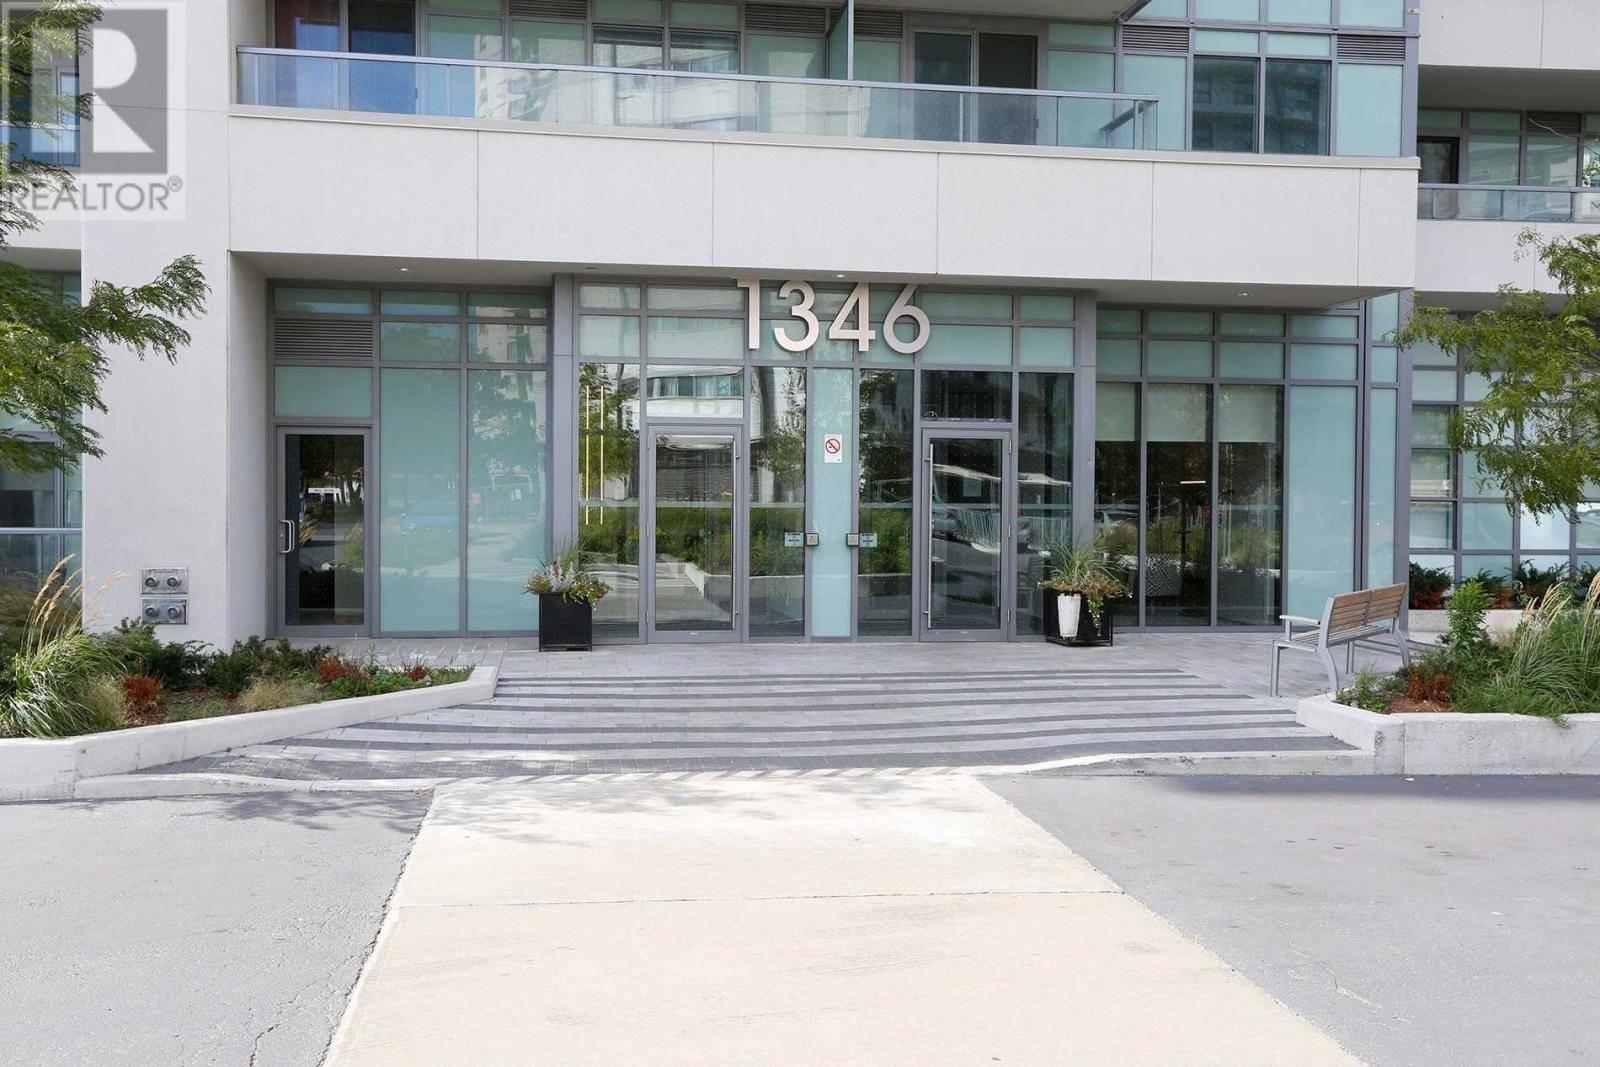 Condo for sale at 1346 Danforth Rd Unit 1409 Toronto Ontario - MLS: E4608262